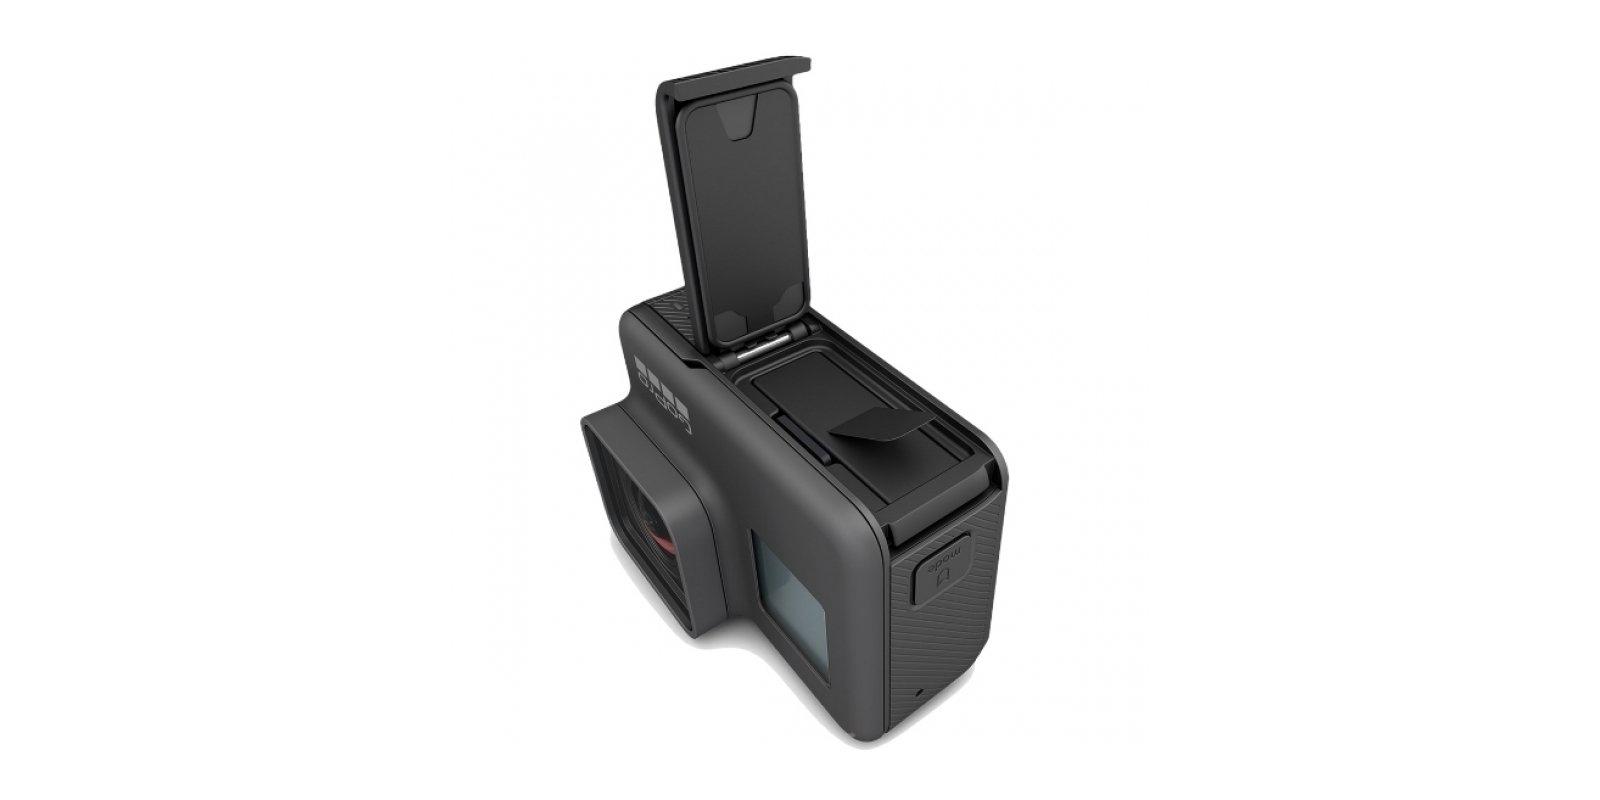 Литий-ионный аккумулятор GoPro Rechargeable Battery HERO5, HERO6 и HERO7 Black (без упаковки)